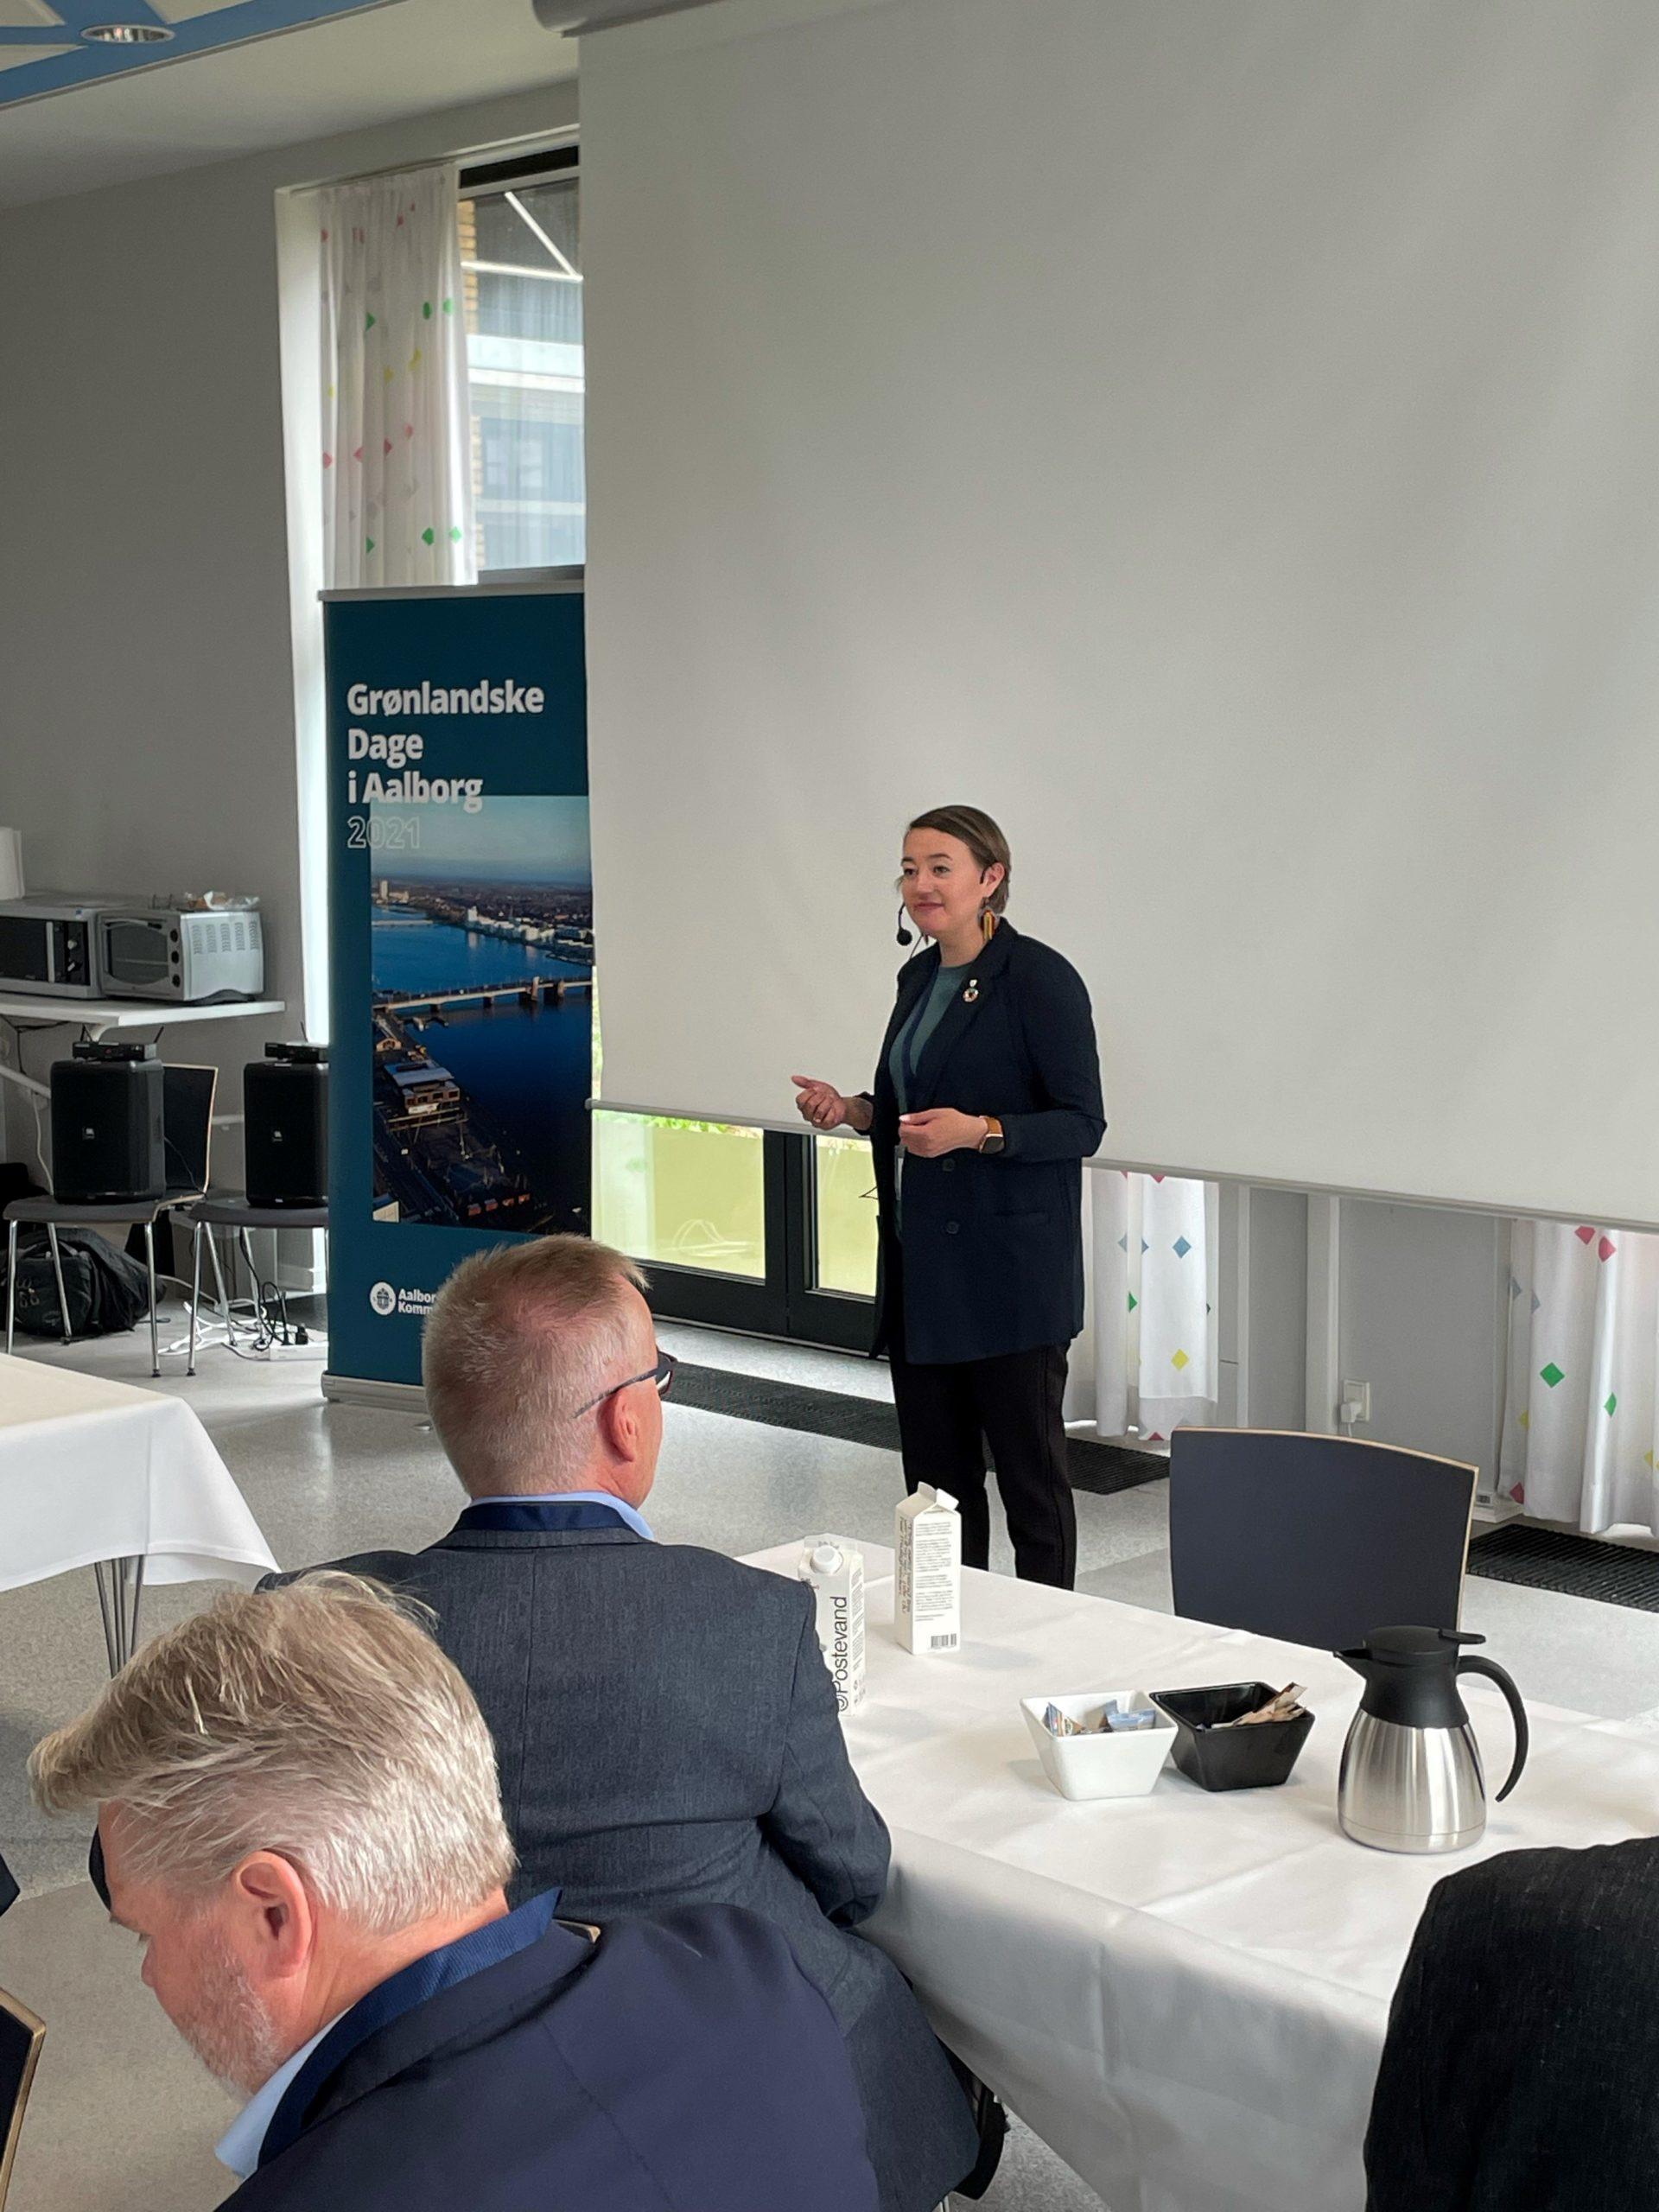 Grønlandske dage i Aalborg: Erhvervsudvikling i fokus